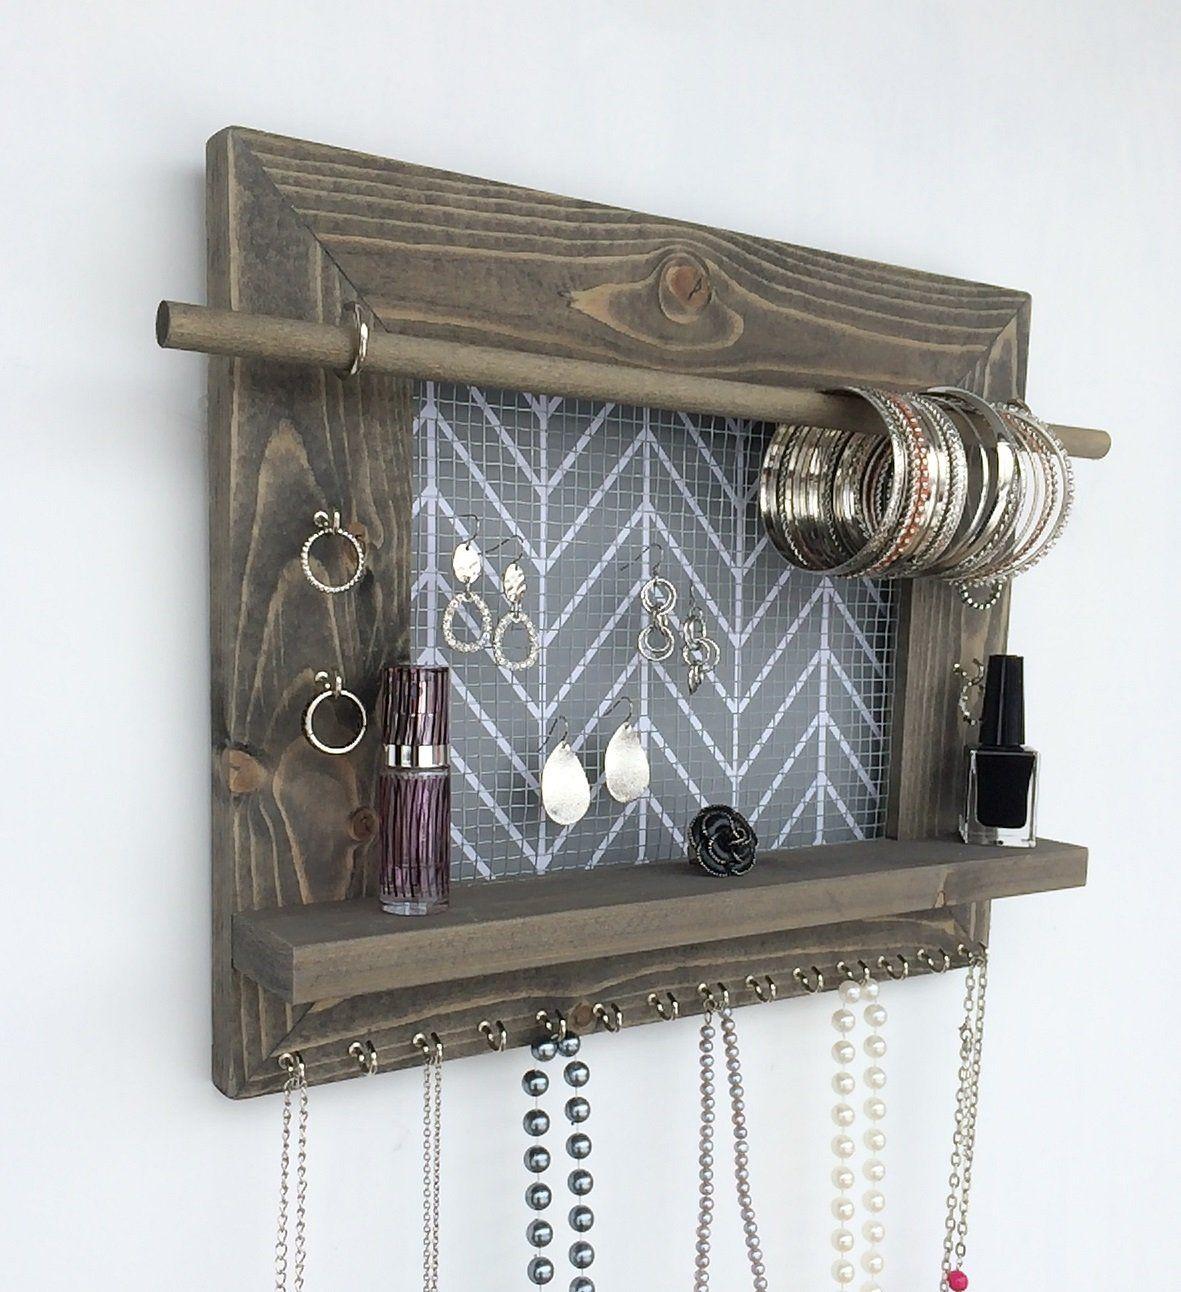 15 Amazing Diy Jewelry Holder Ideas To Try Jewelry Organizer Wall Diy Jewelry Holder Earring Storage